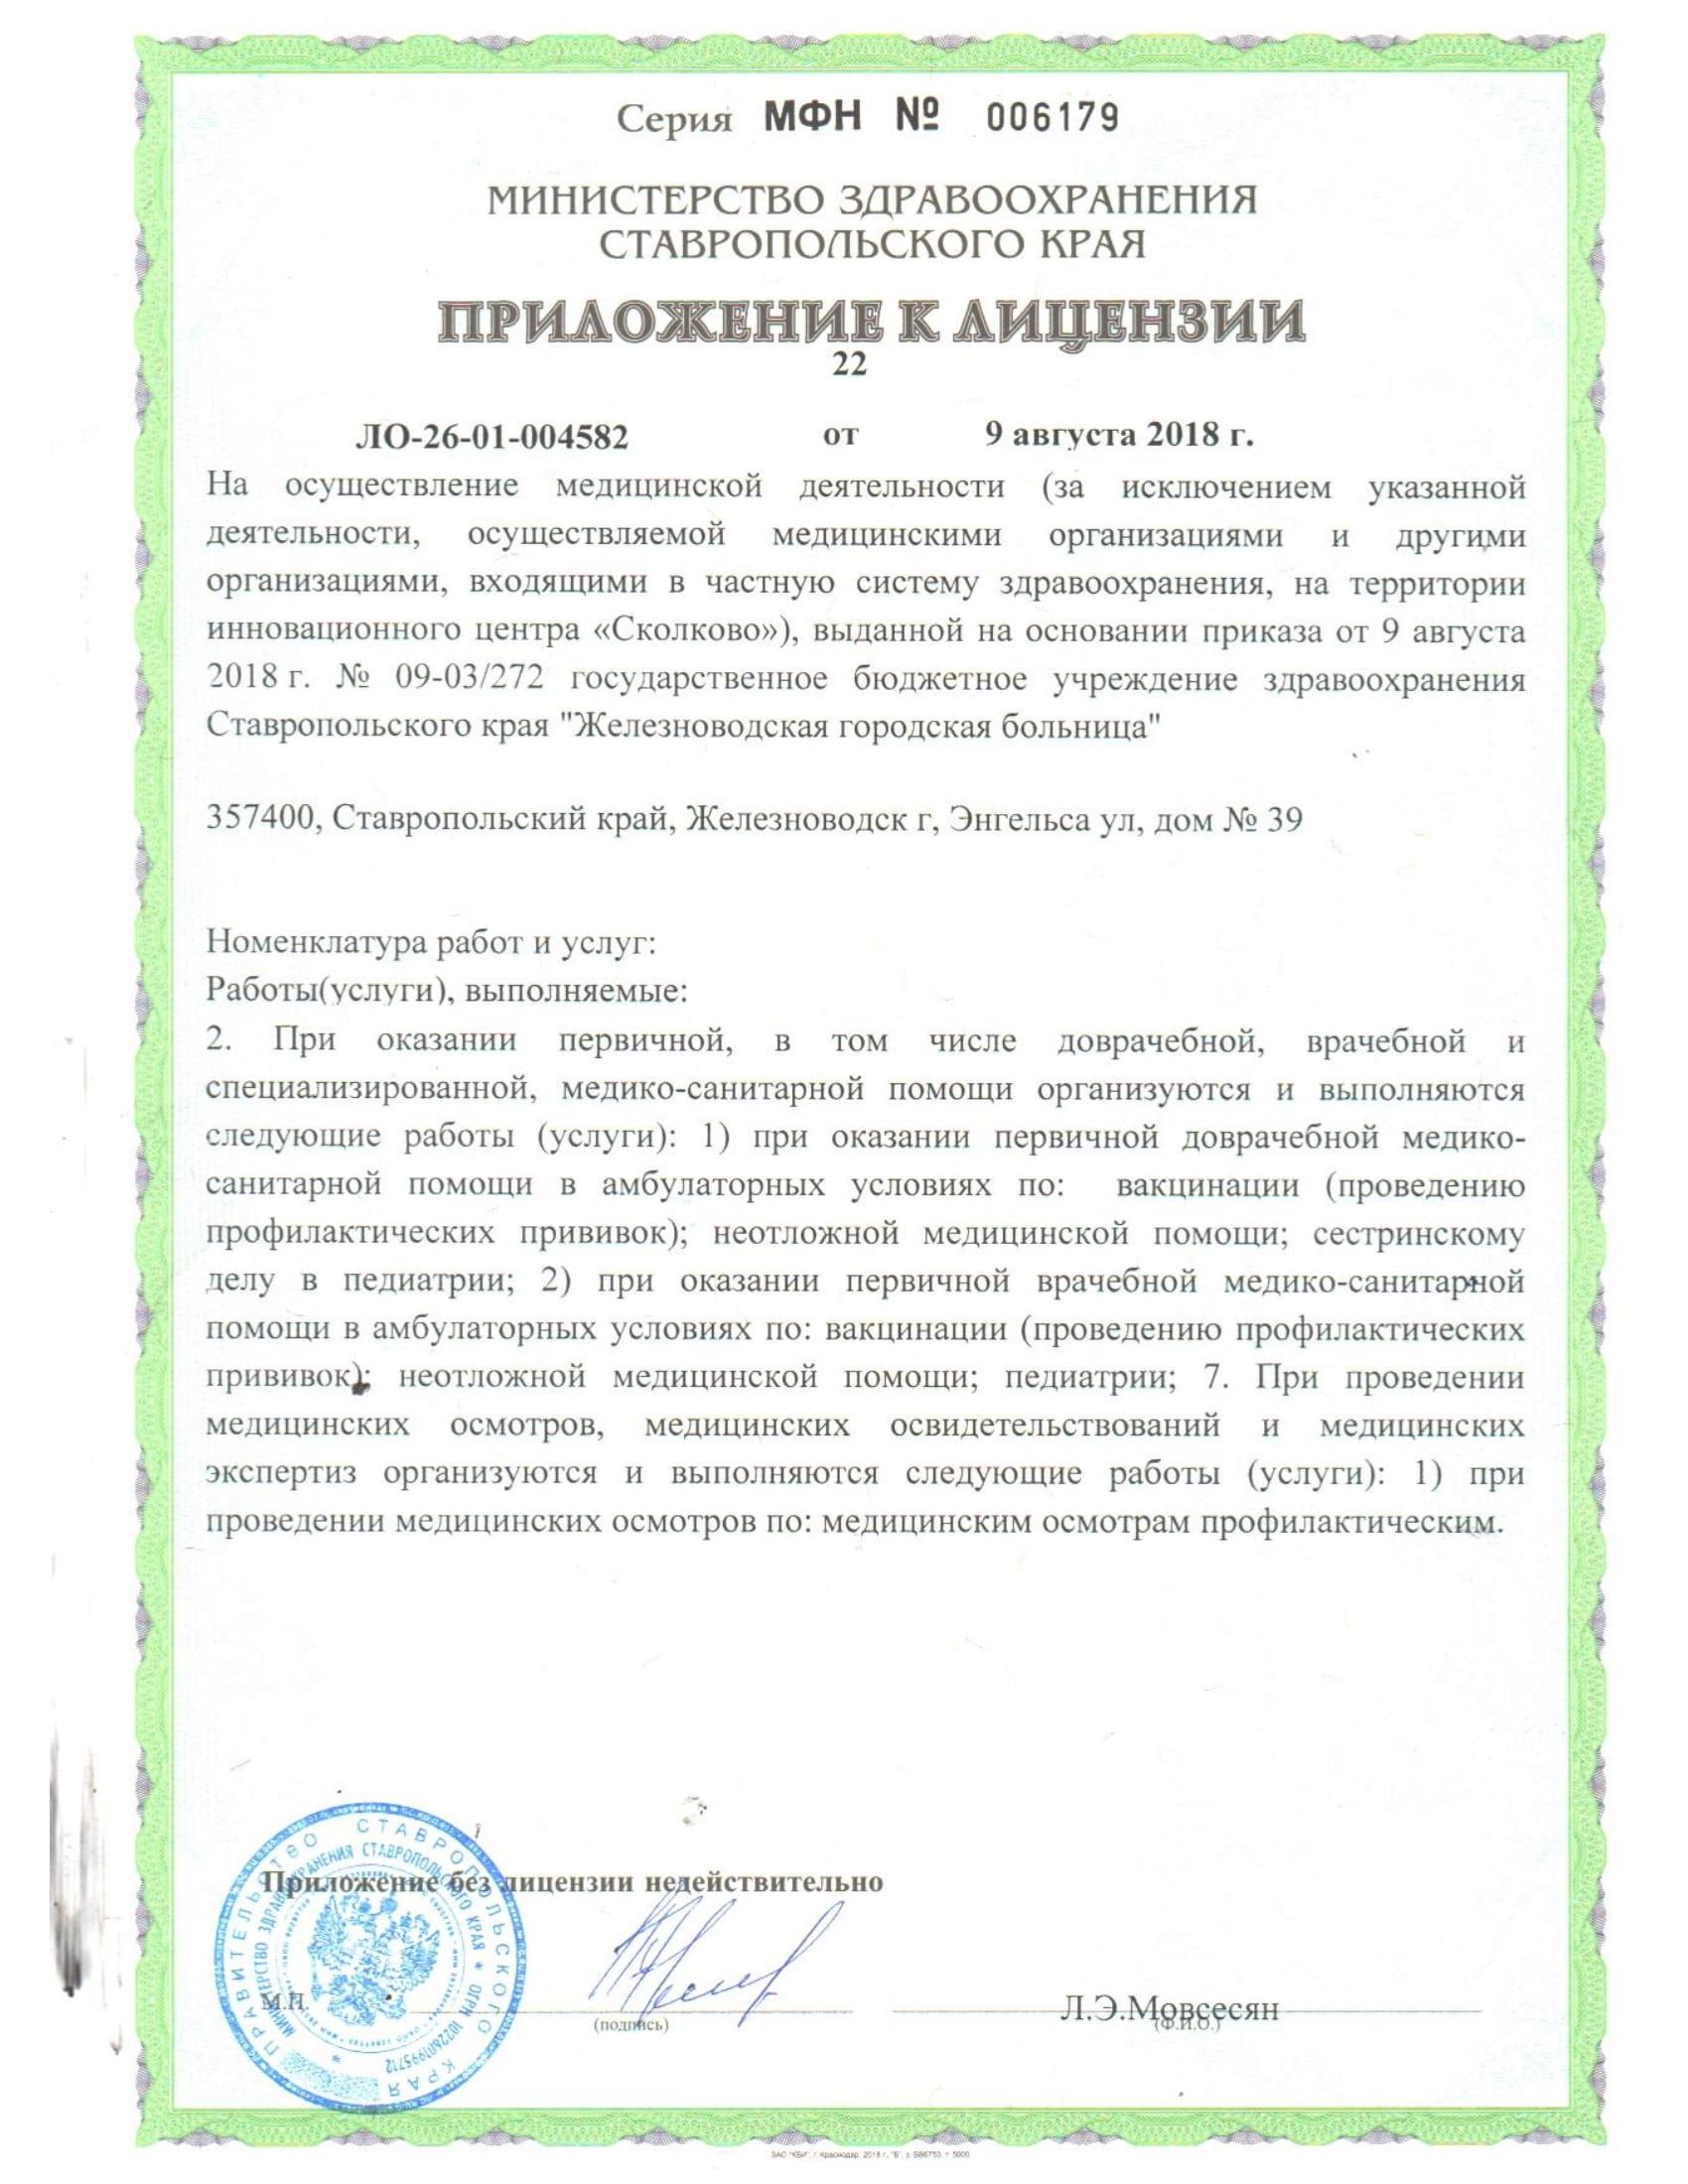 лицензия 2018 от 09.08.2018-29